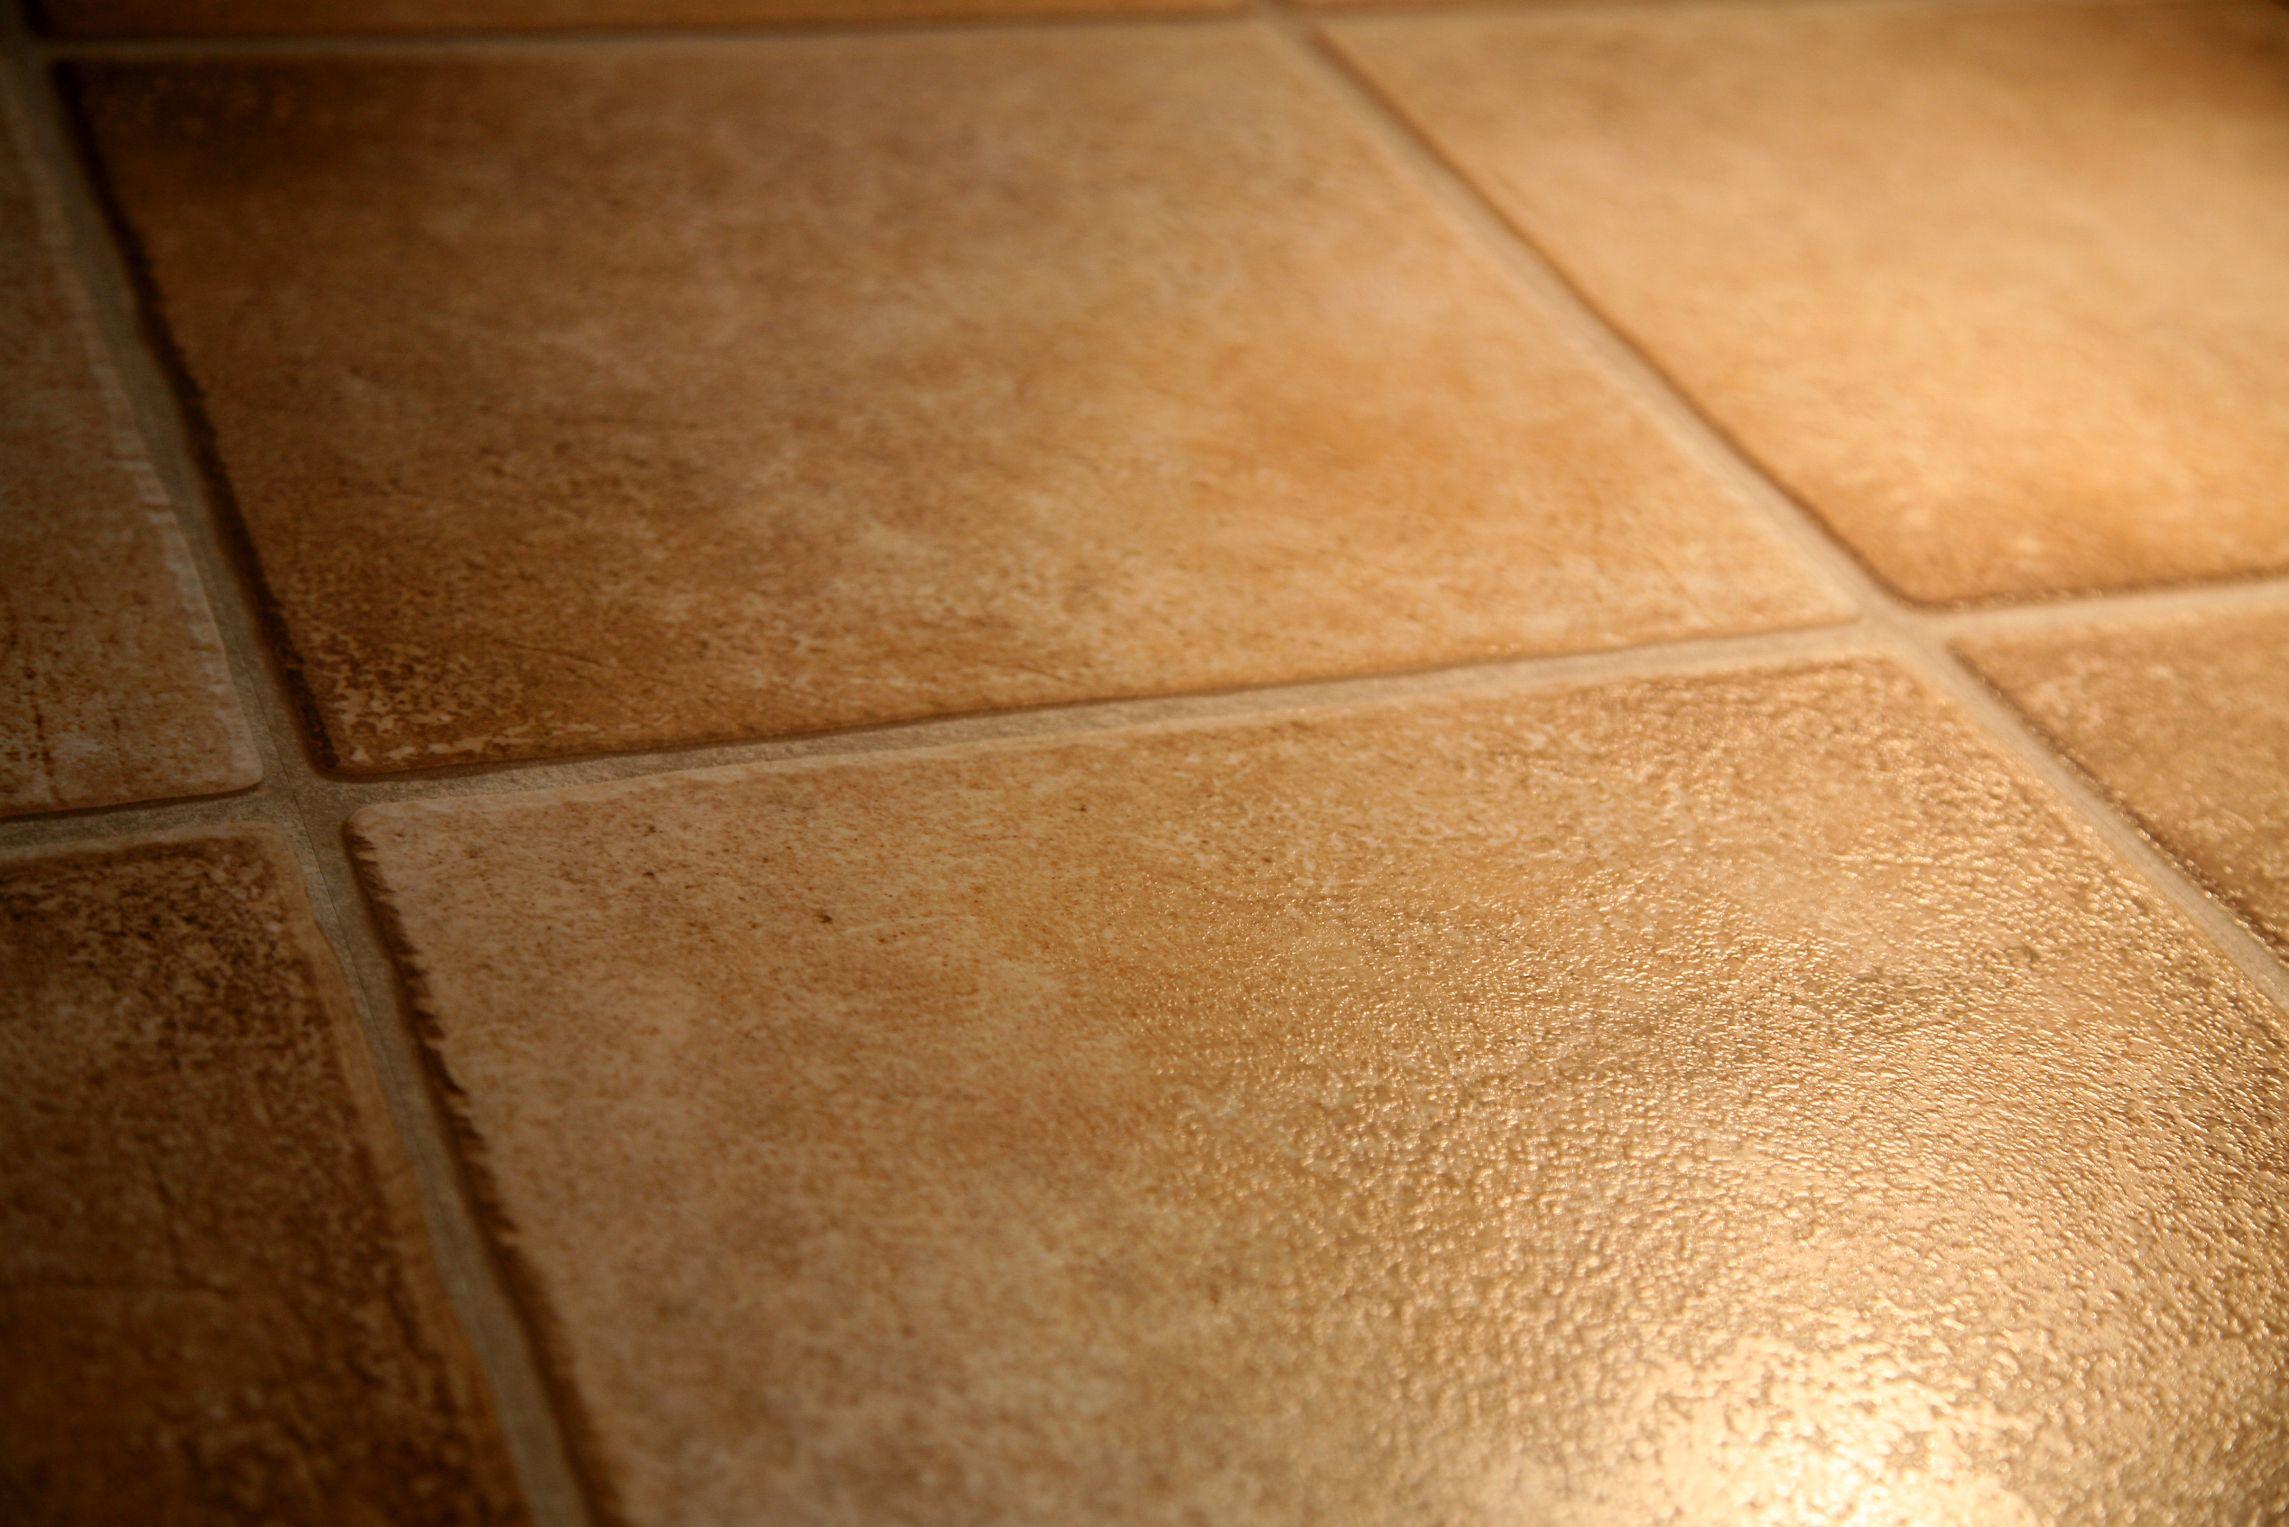 How To Install A Schluter Tile Edge Cleaning Ceramic Tiles Ceramic Floor Tile Tile Floor